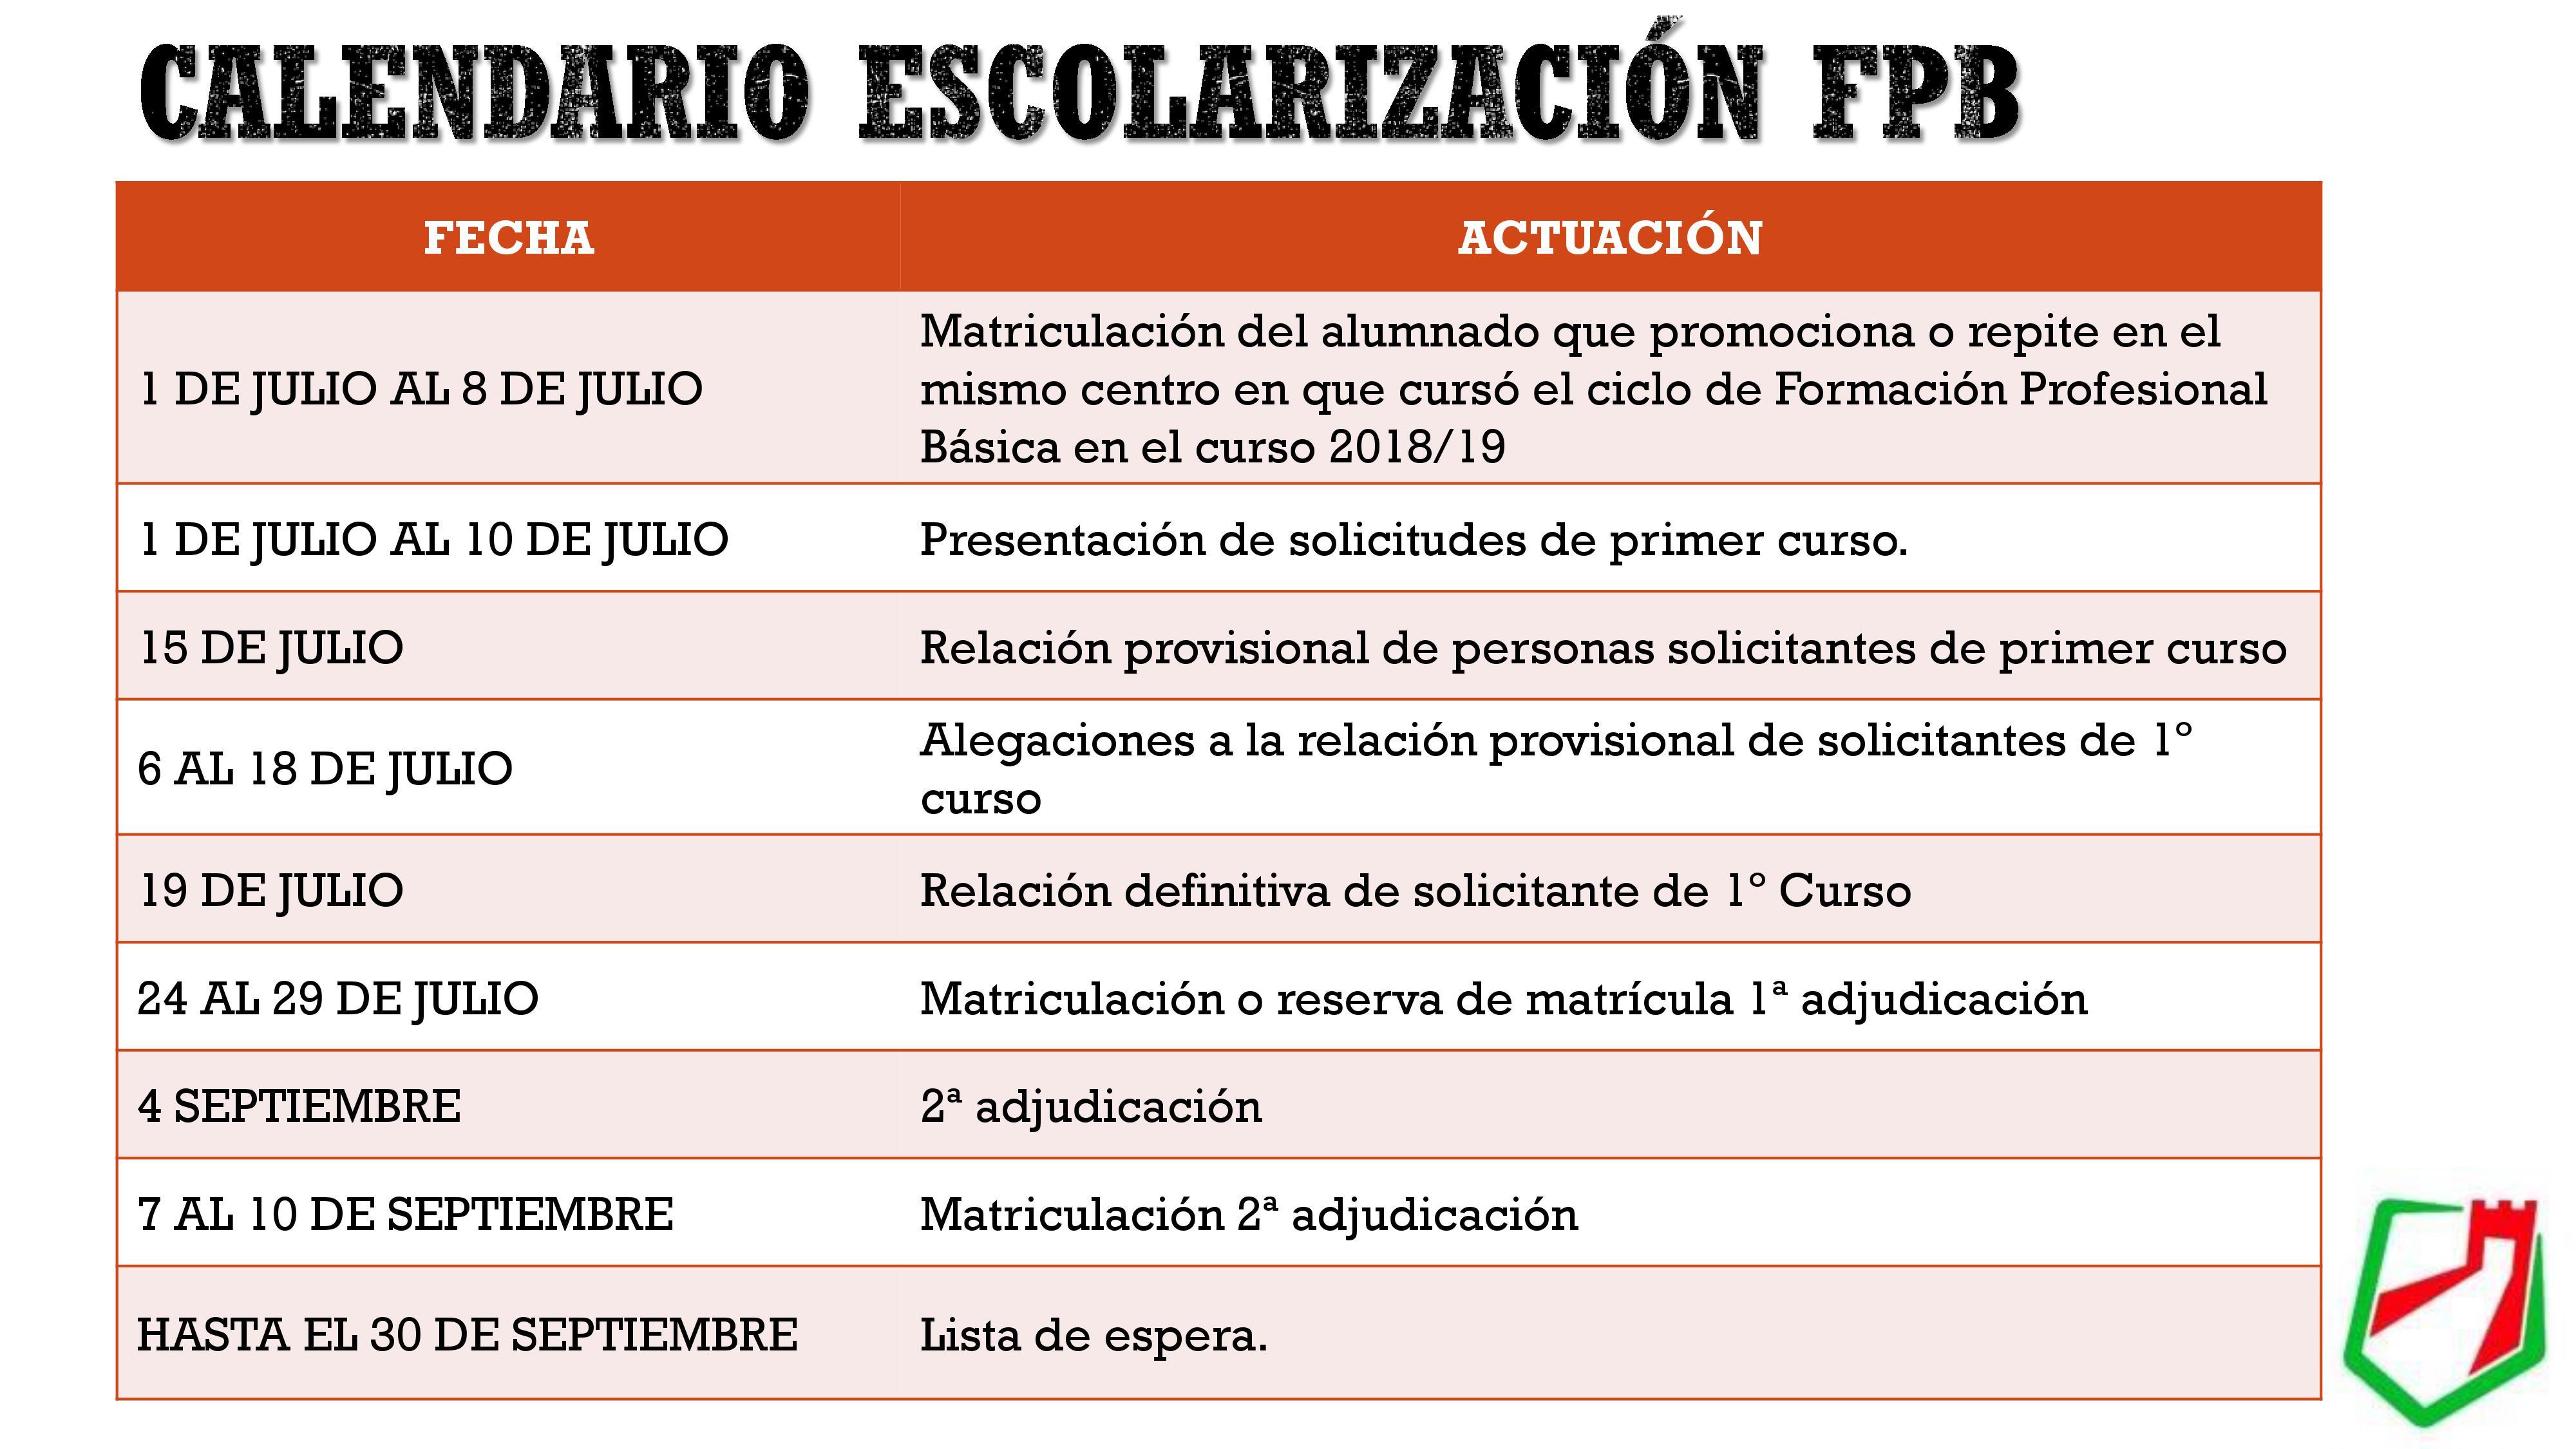 CALENDARIO DE ESCOLARIZACION FP